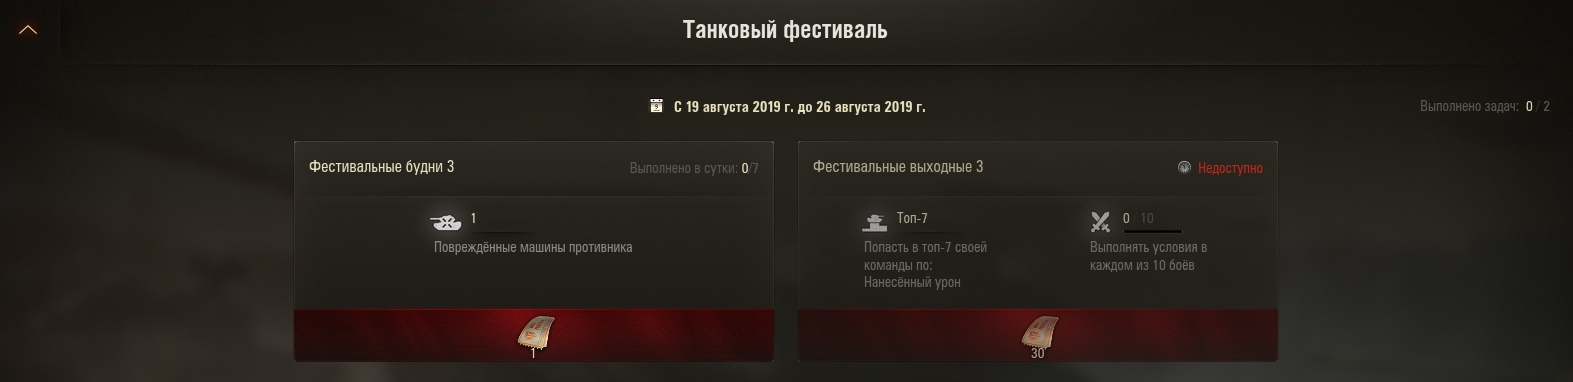 Новости World of Tanks (стр.1)